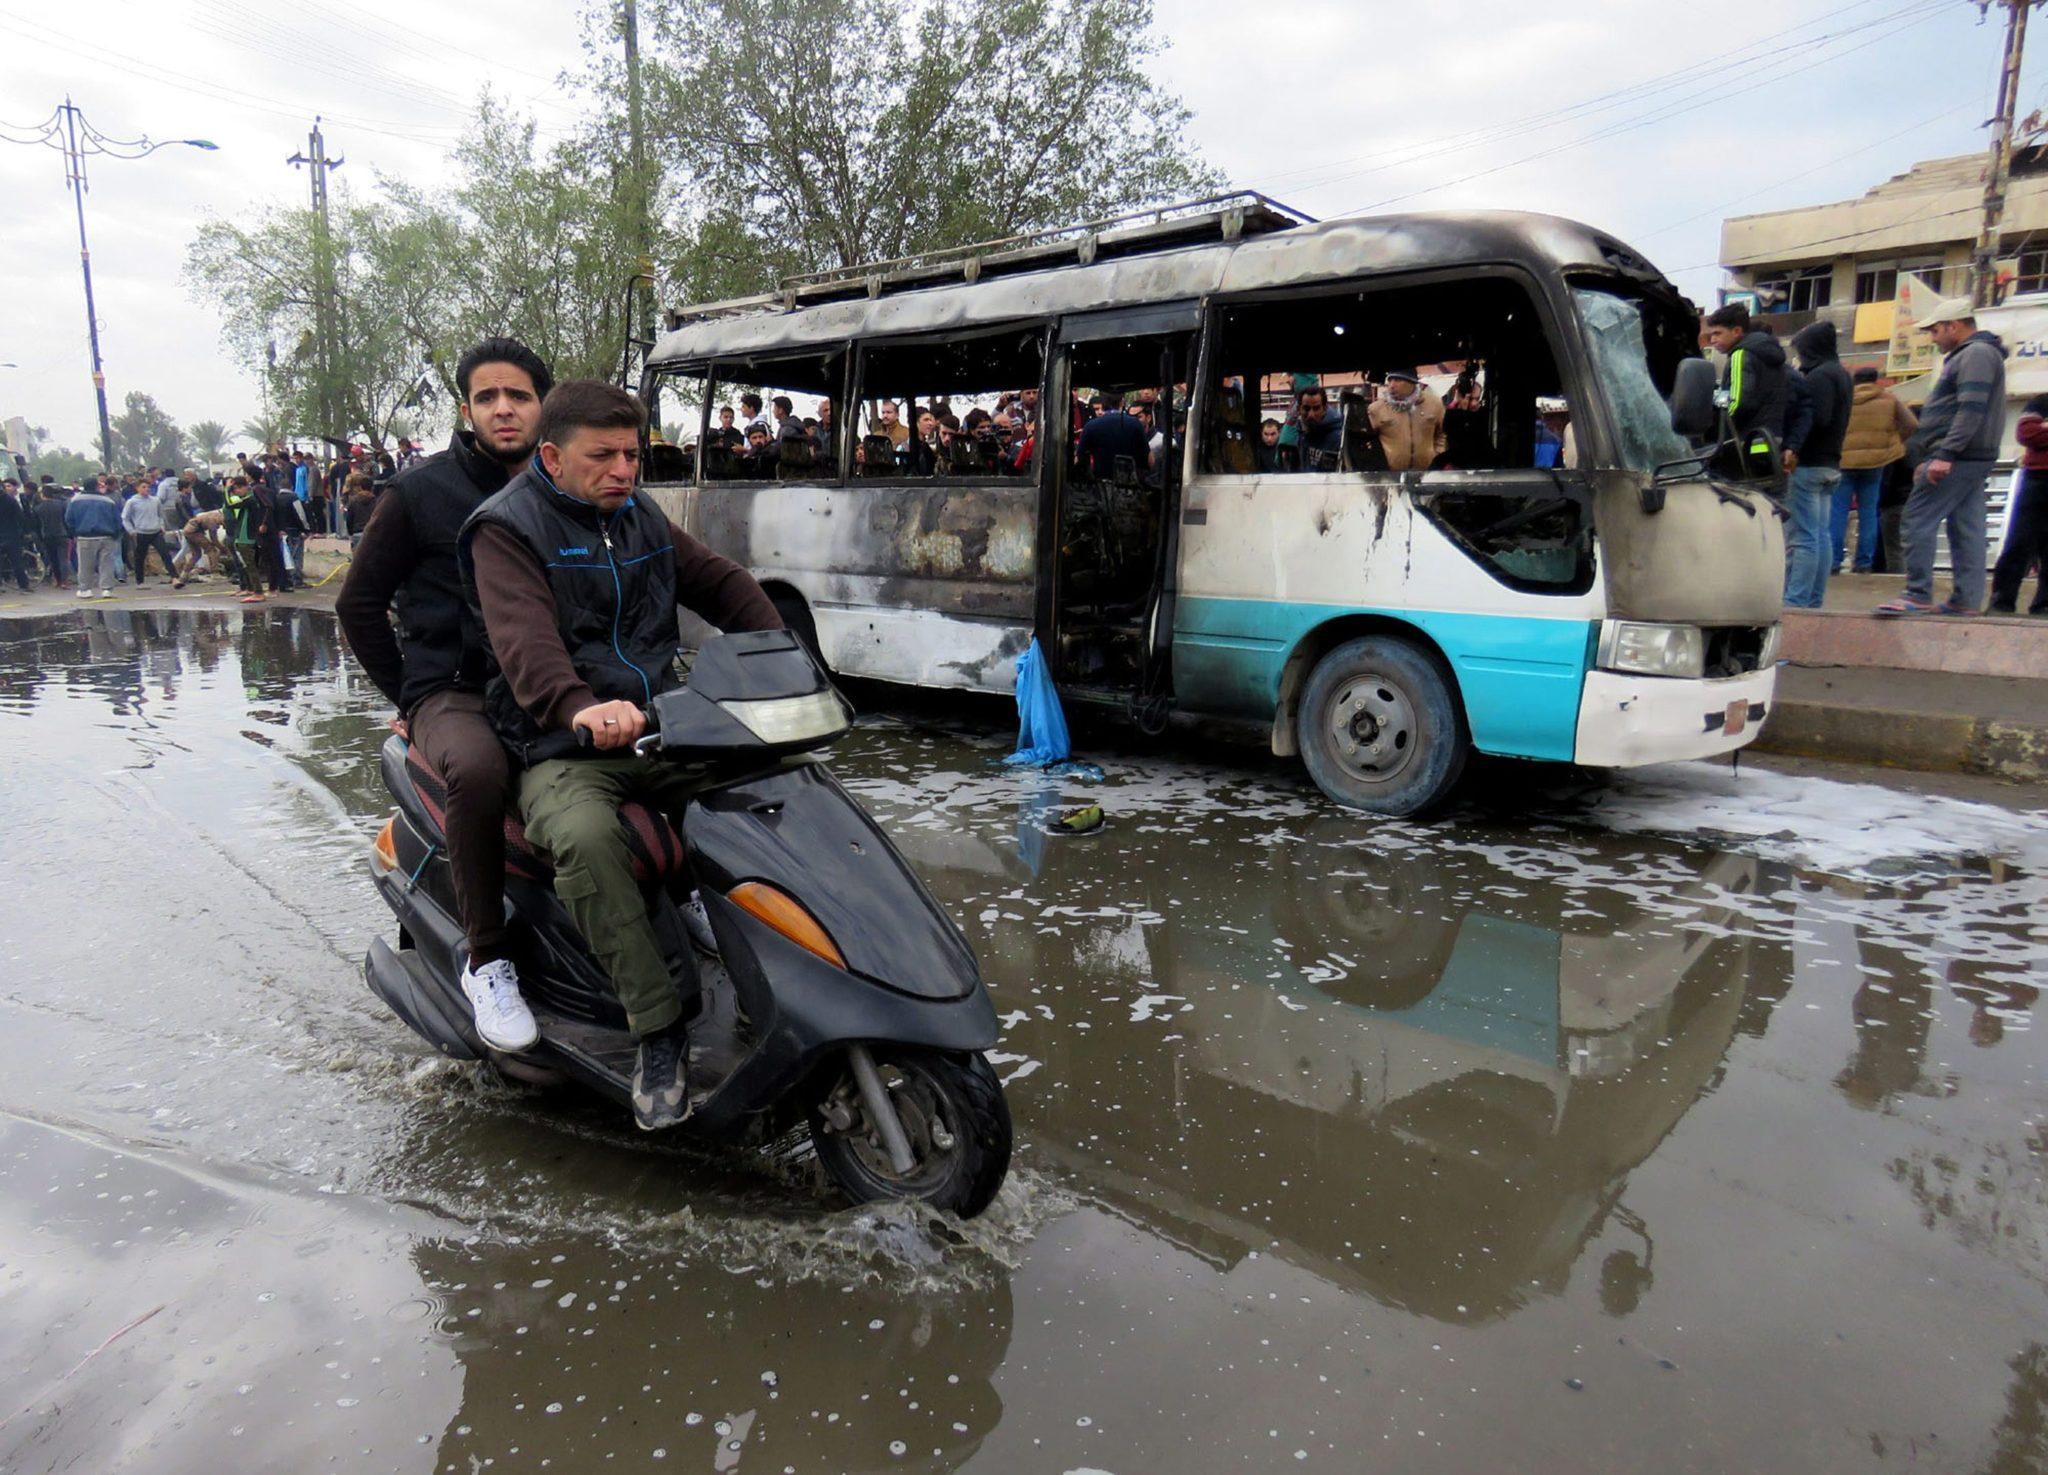 Irak: atak bombowy w Bagdadzie, w którym według wstępnych szacunków policji zginęło 37 osób (foto. PAP/EPA/ALI ABBAS)